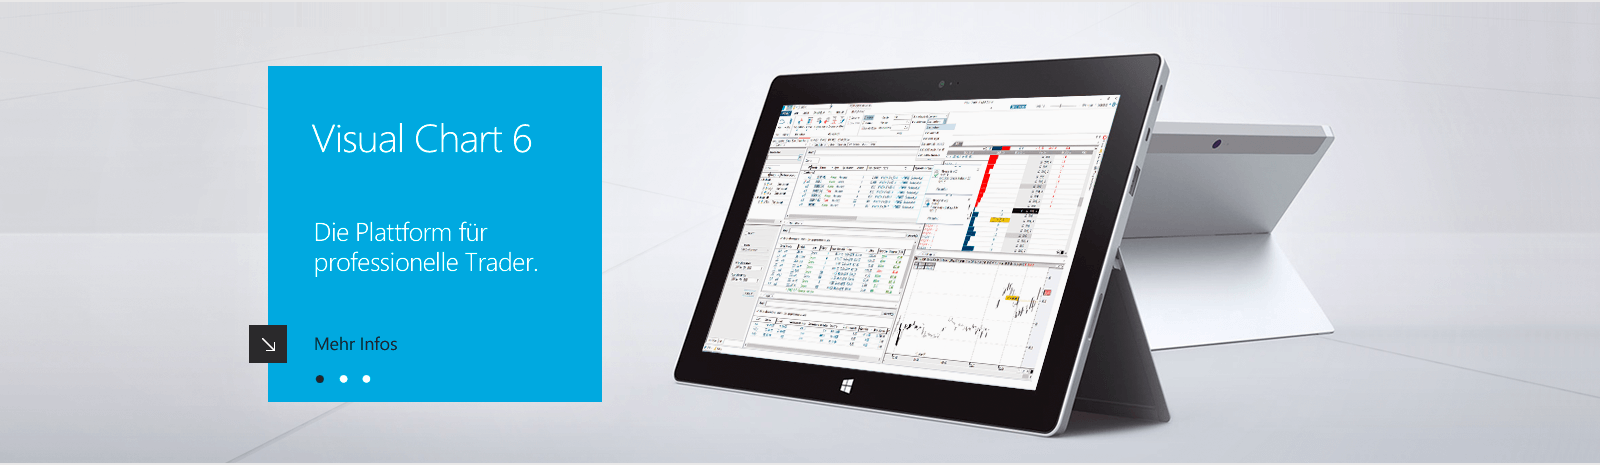 Visual Chart Software für Trading und technische Analyse